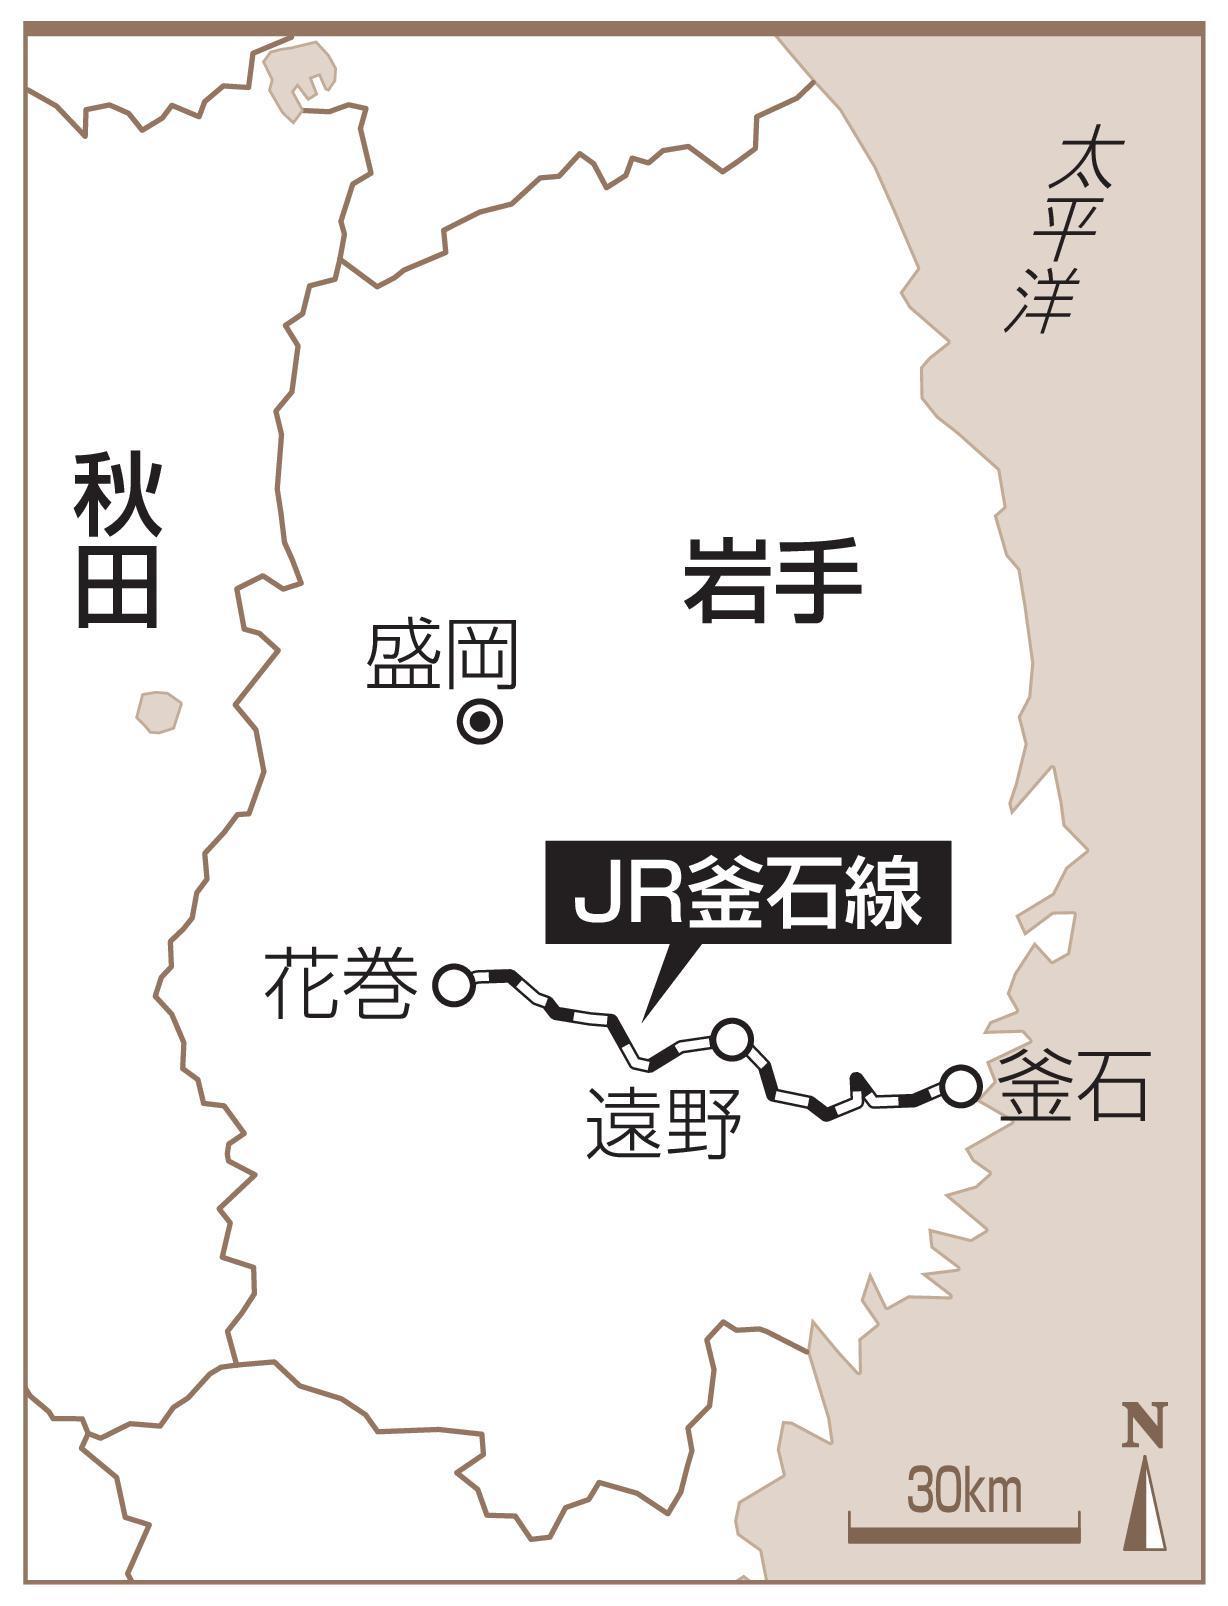 岩手県・JR釜石線